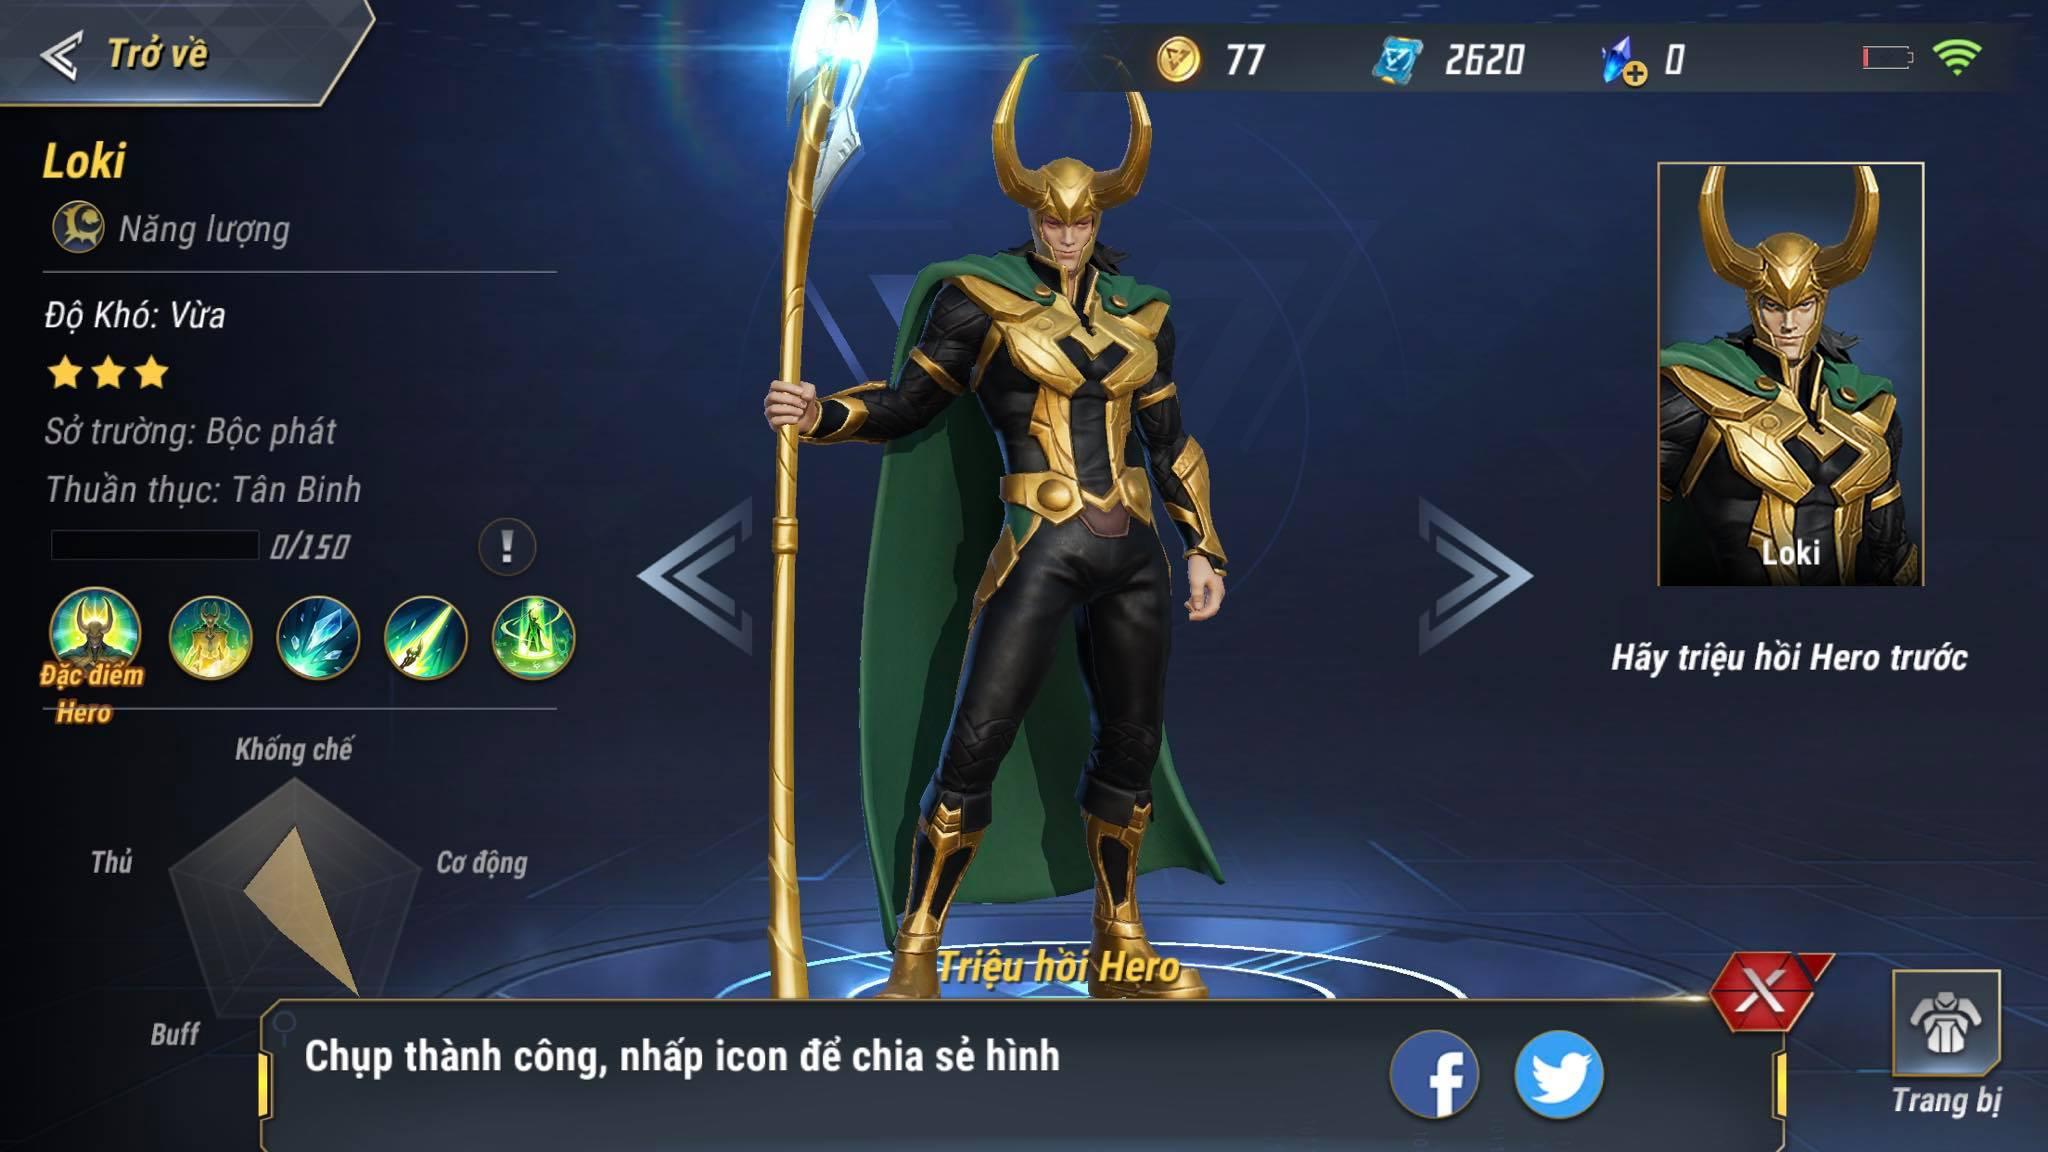 MARVEL Super War đang vô cùng hot bởi hiệu ứng Endgame, có hỗ trợ tiếng Việt cho game thủ